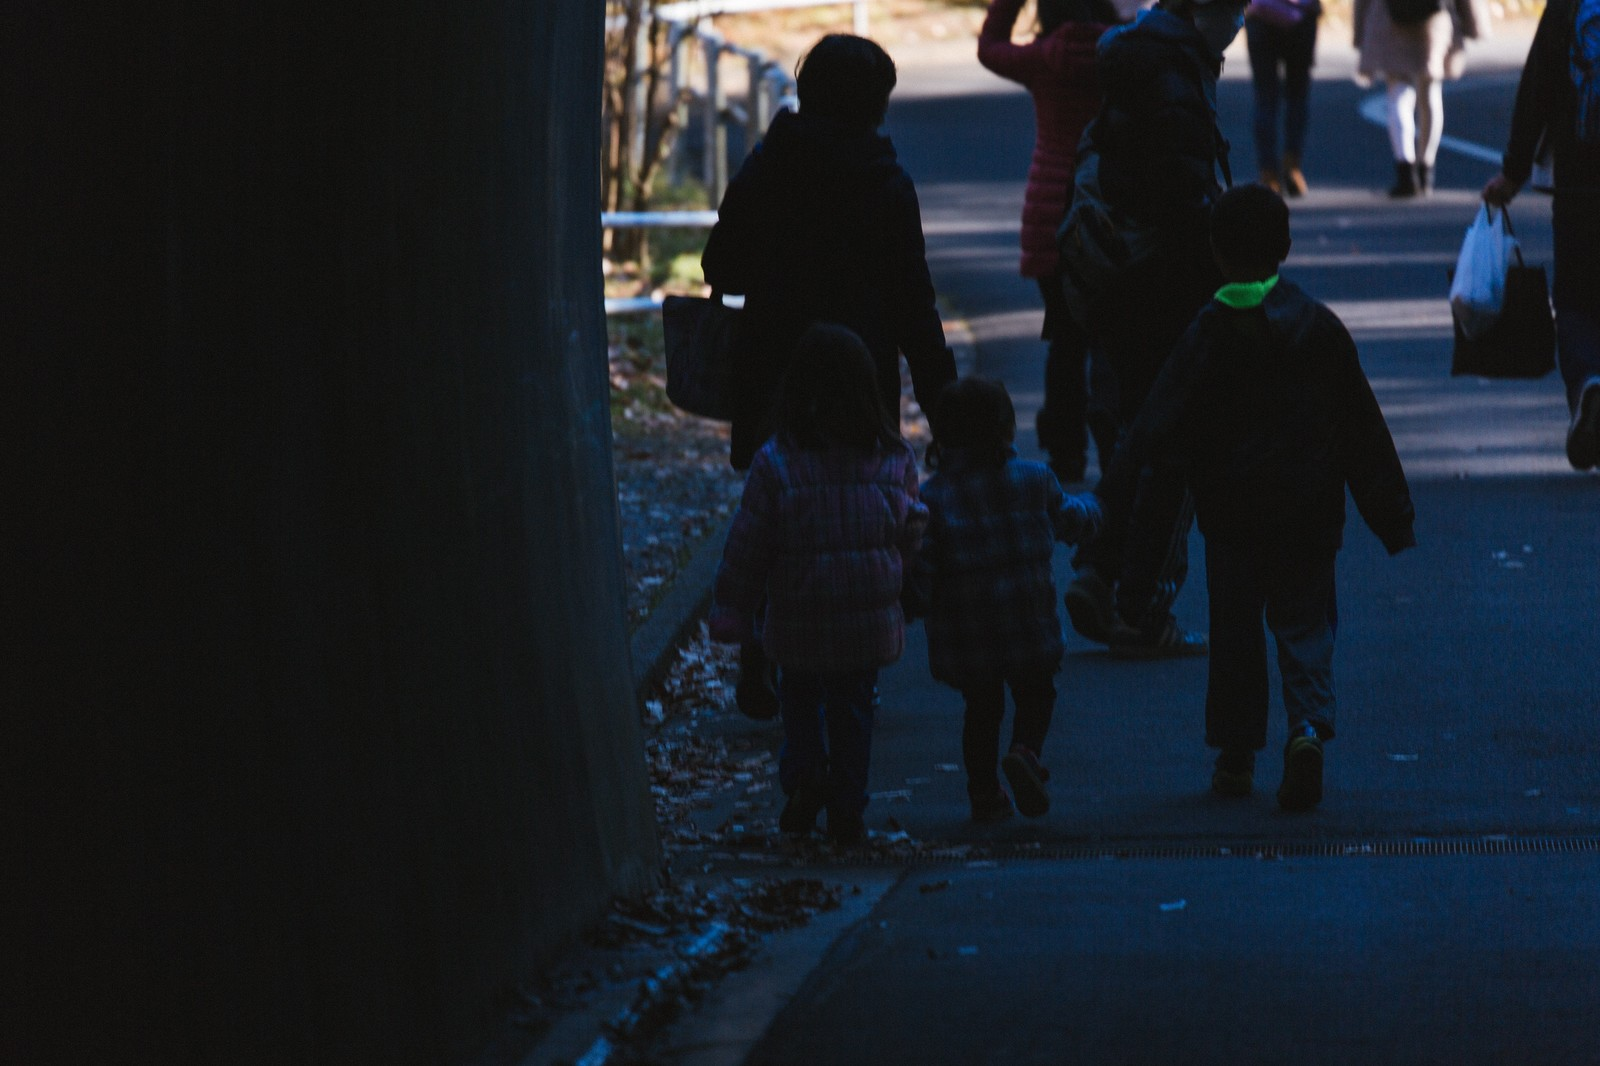 子育ては夫婦の協力が必要。子供との時間は貴重な体験